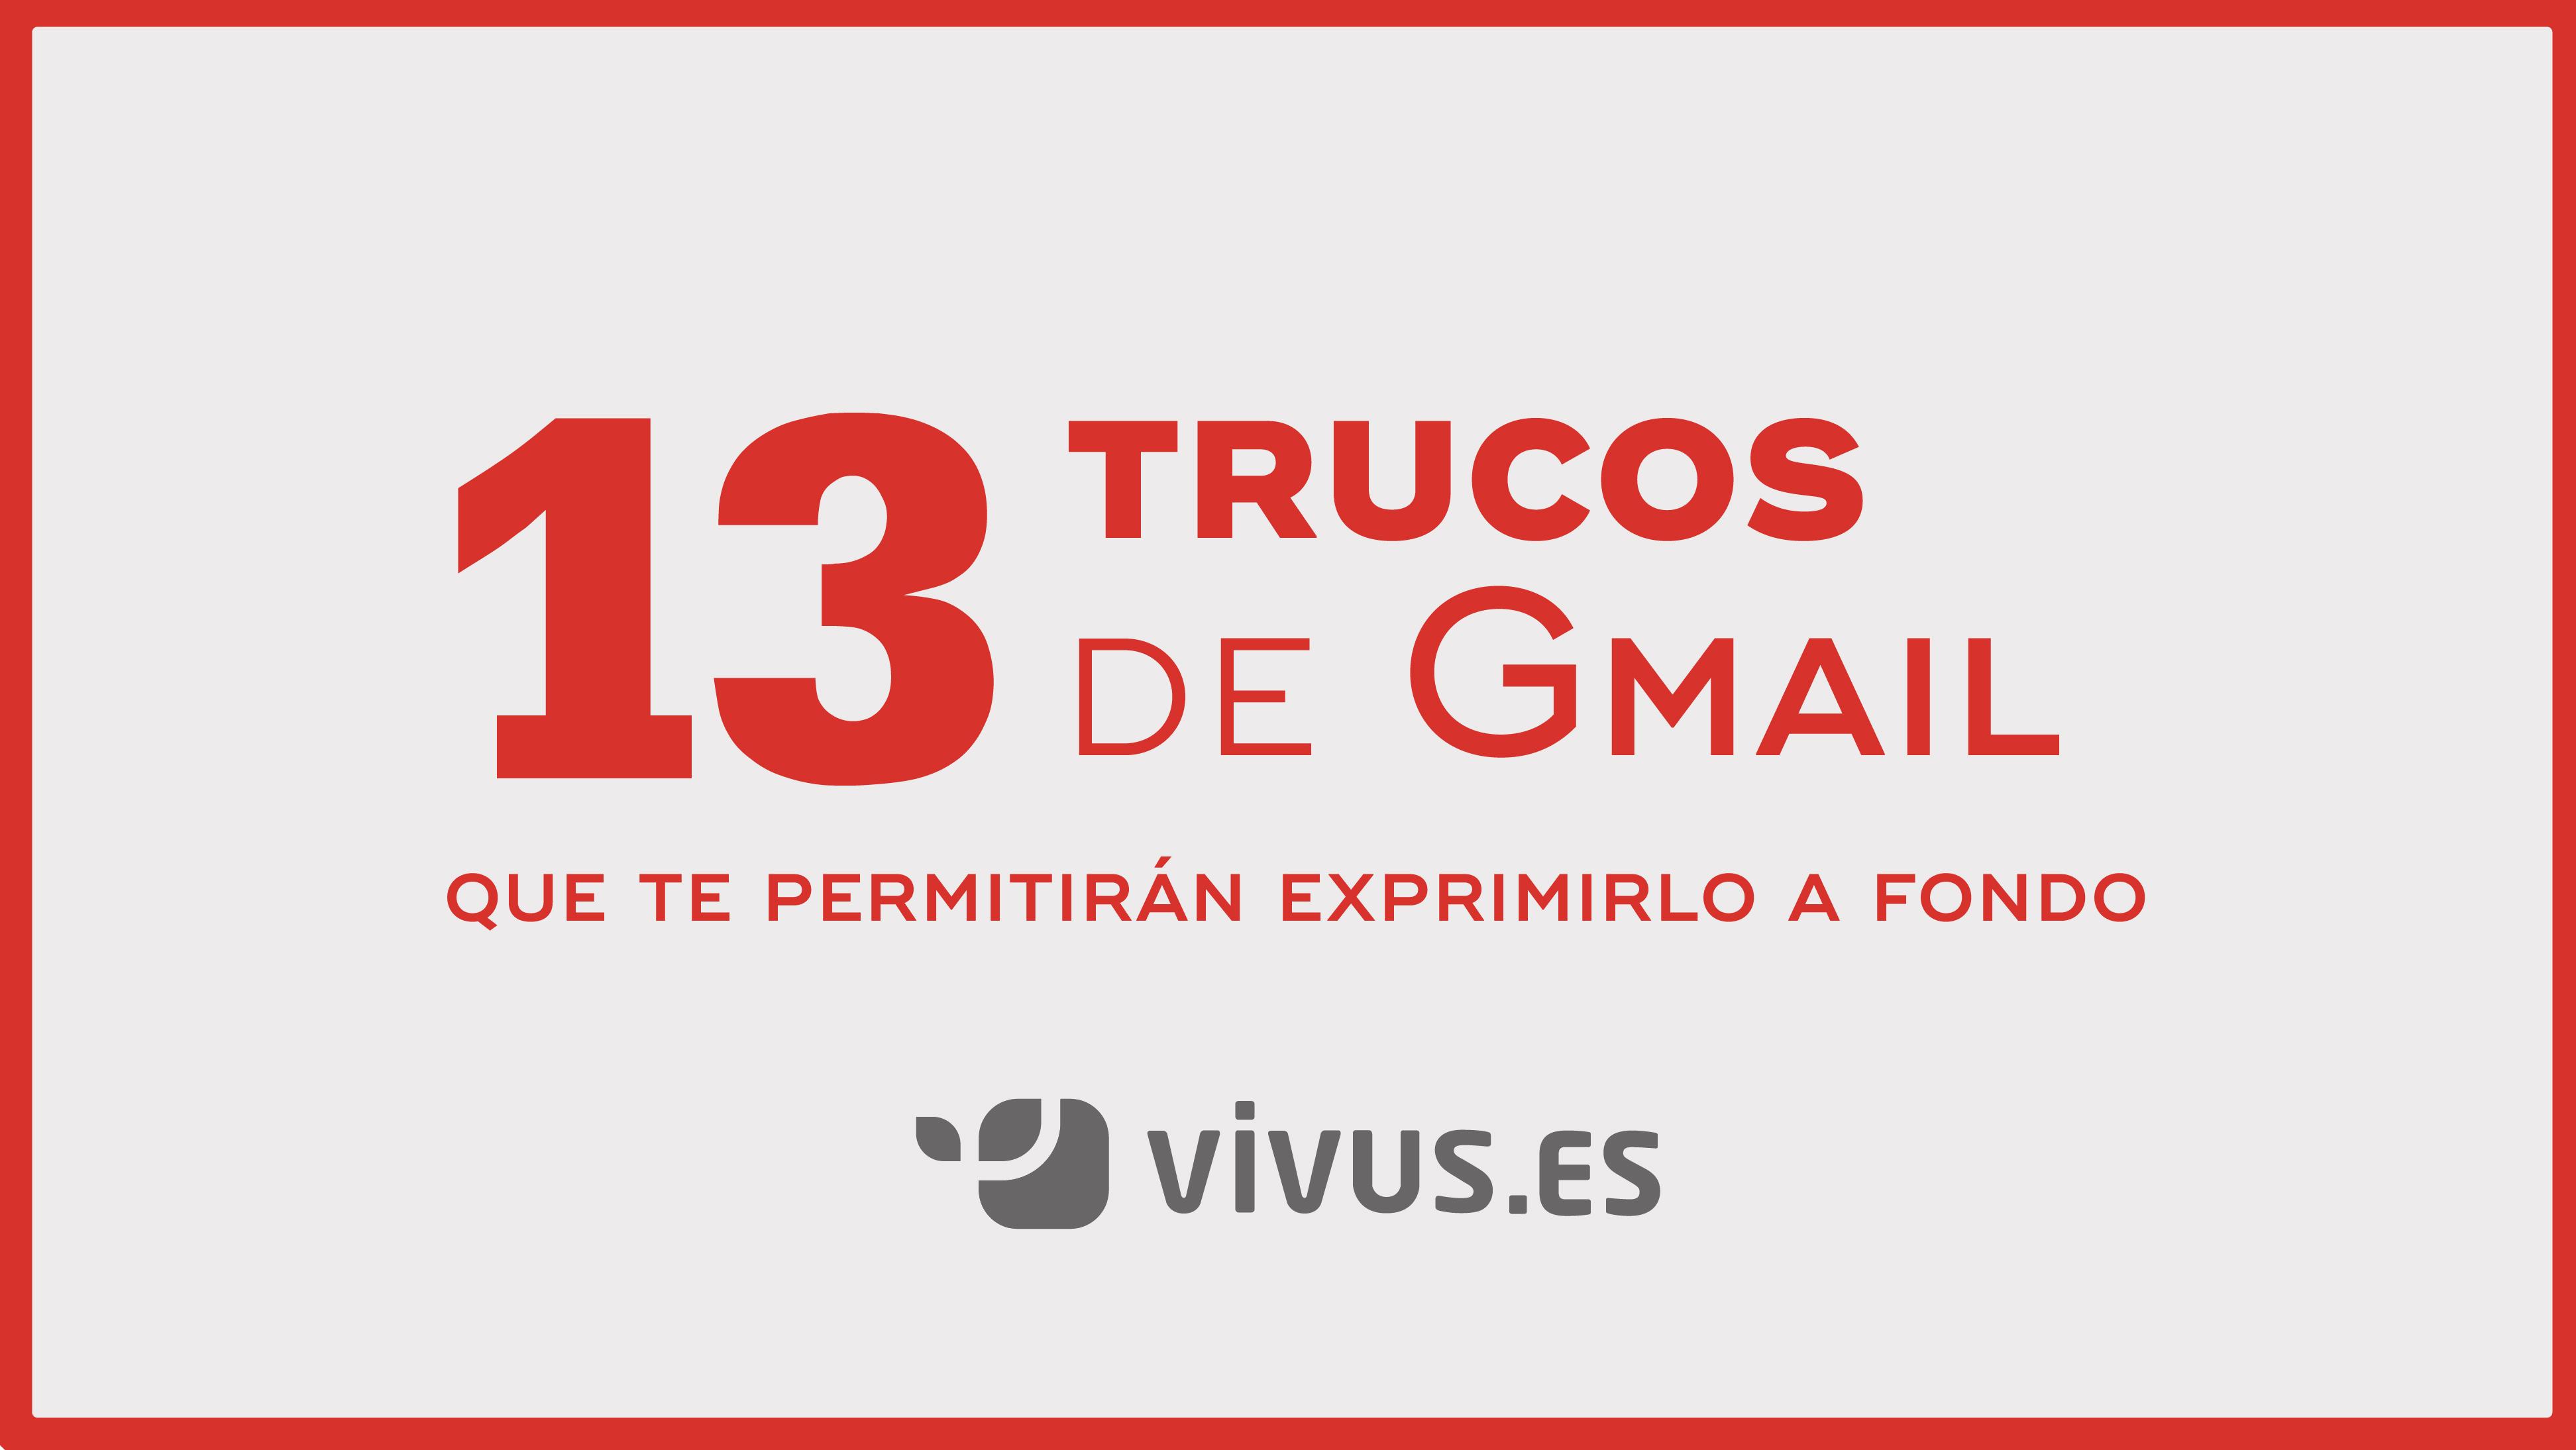 13 trucos de gmail súper útiles que SEGURO que no conoces | Vivus.es